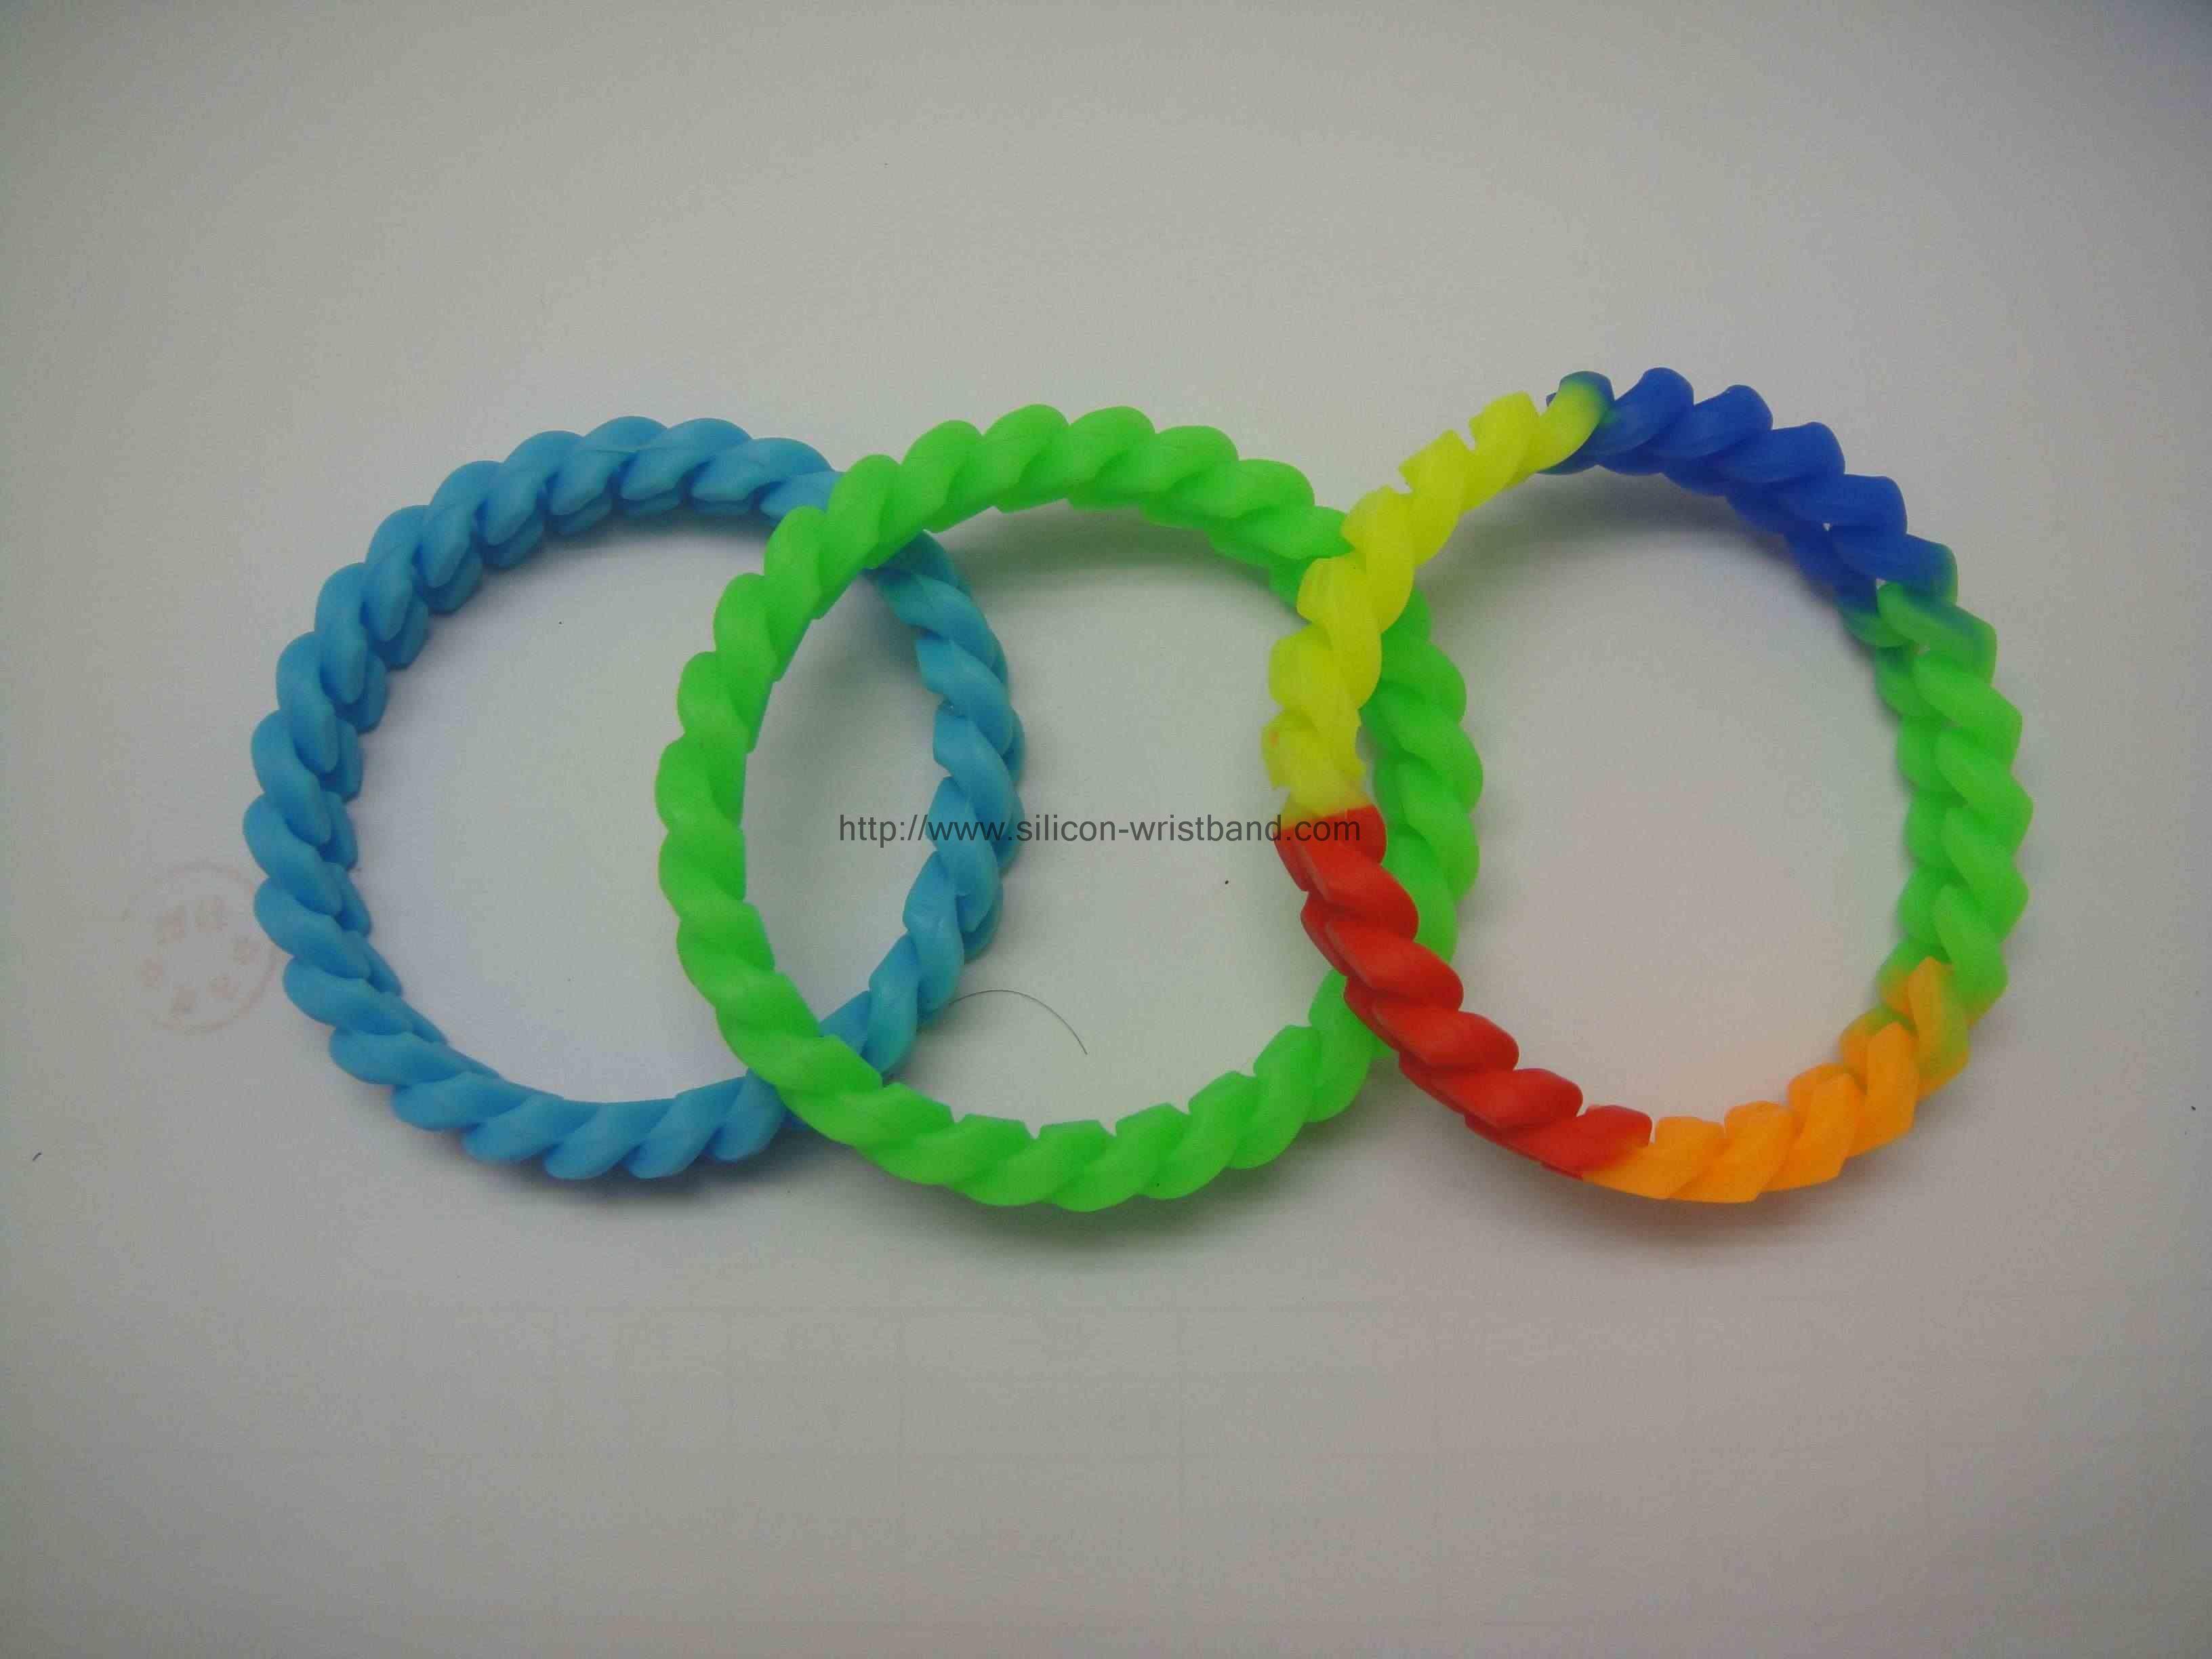 engraveable bracelets